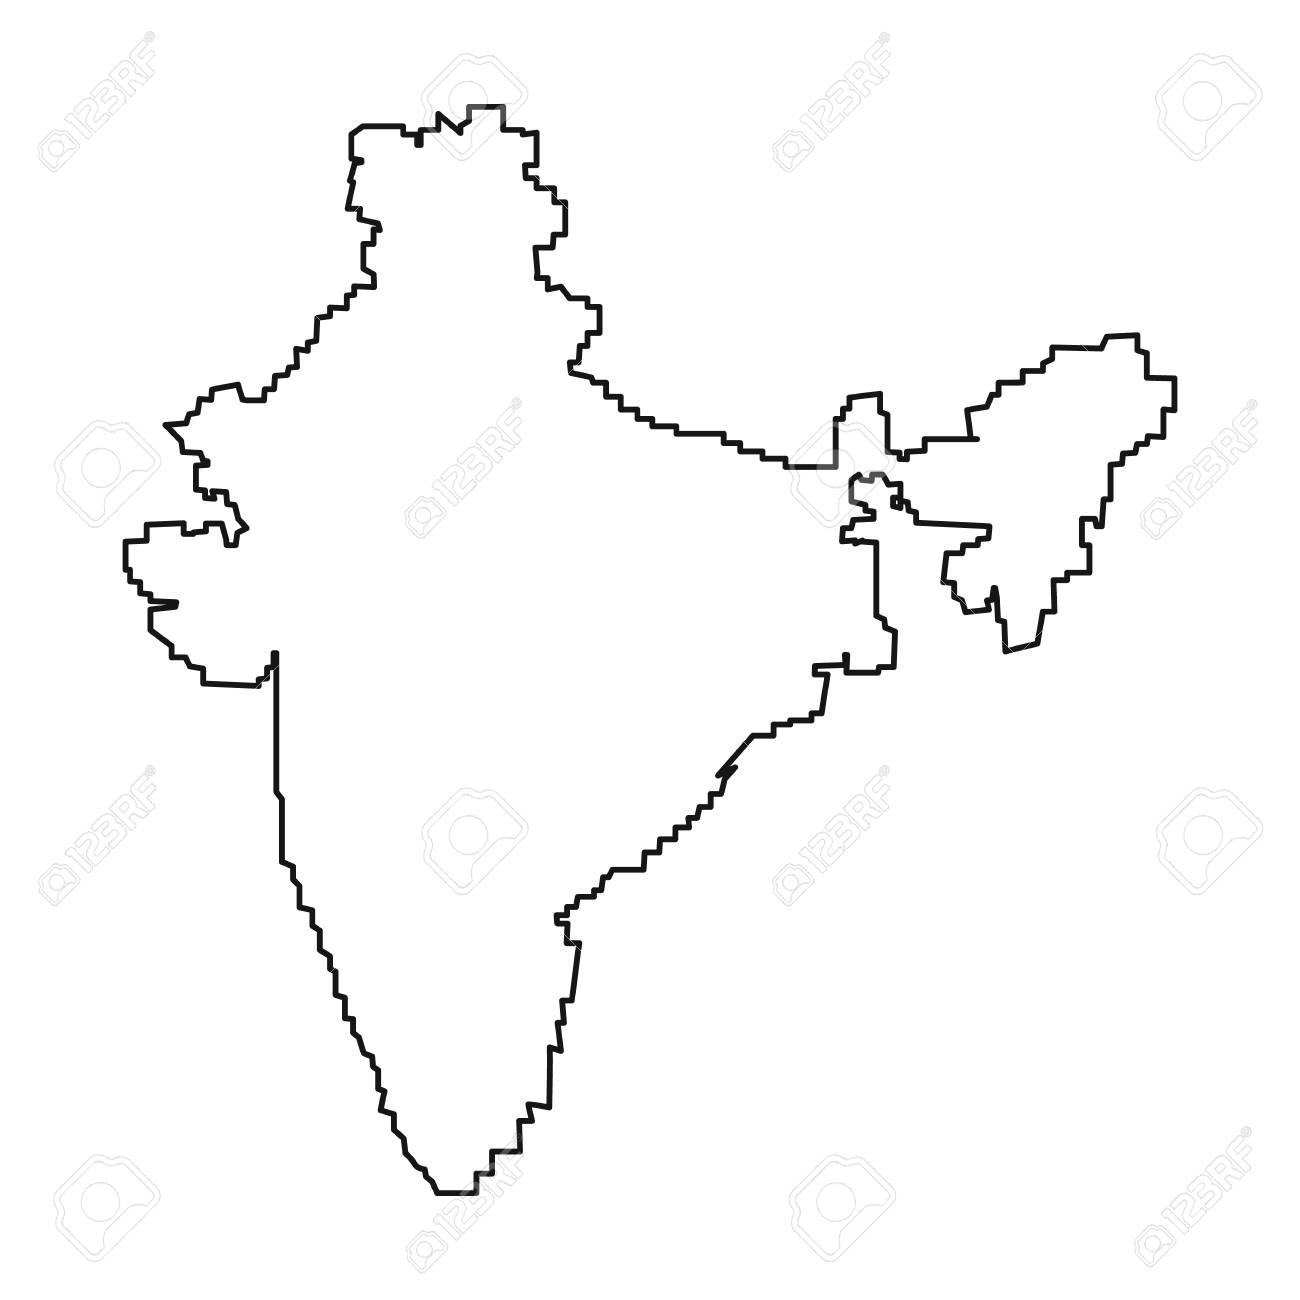 Indisches Territorium Symbol Im Umriss Stil Auf Weißen Hintergrund